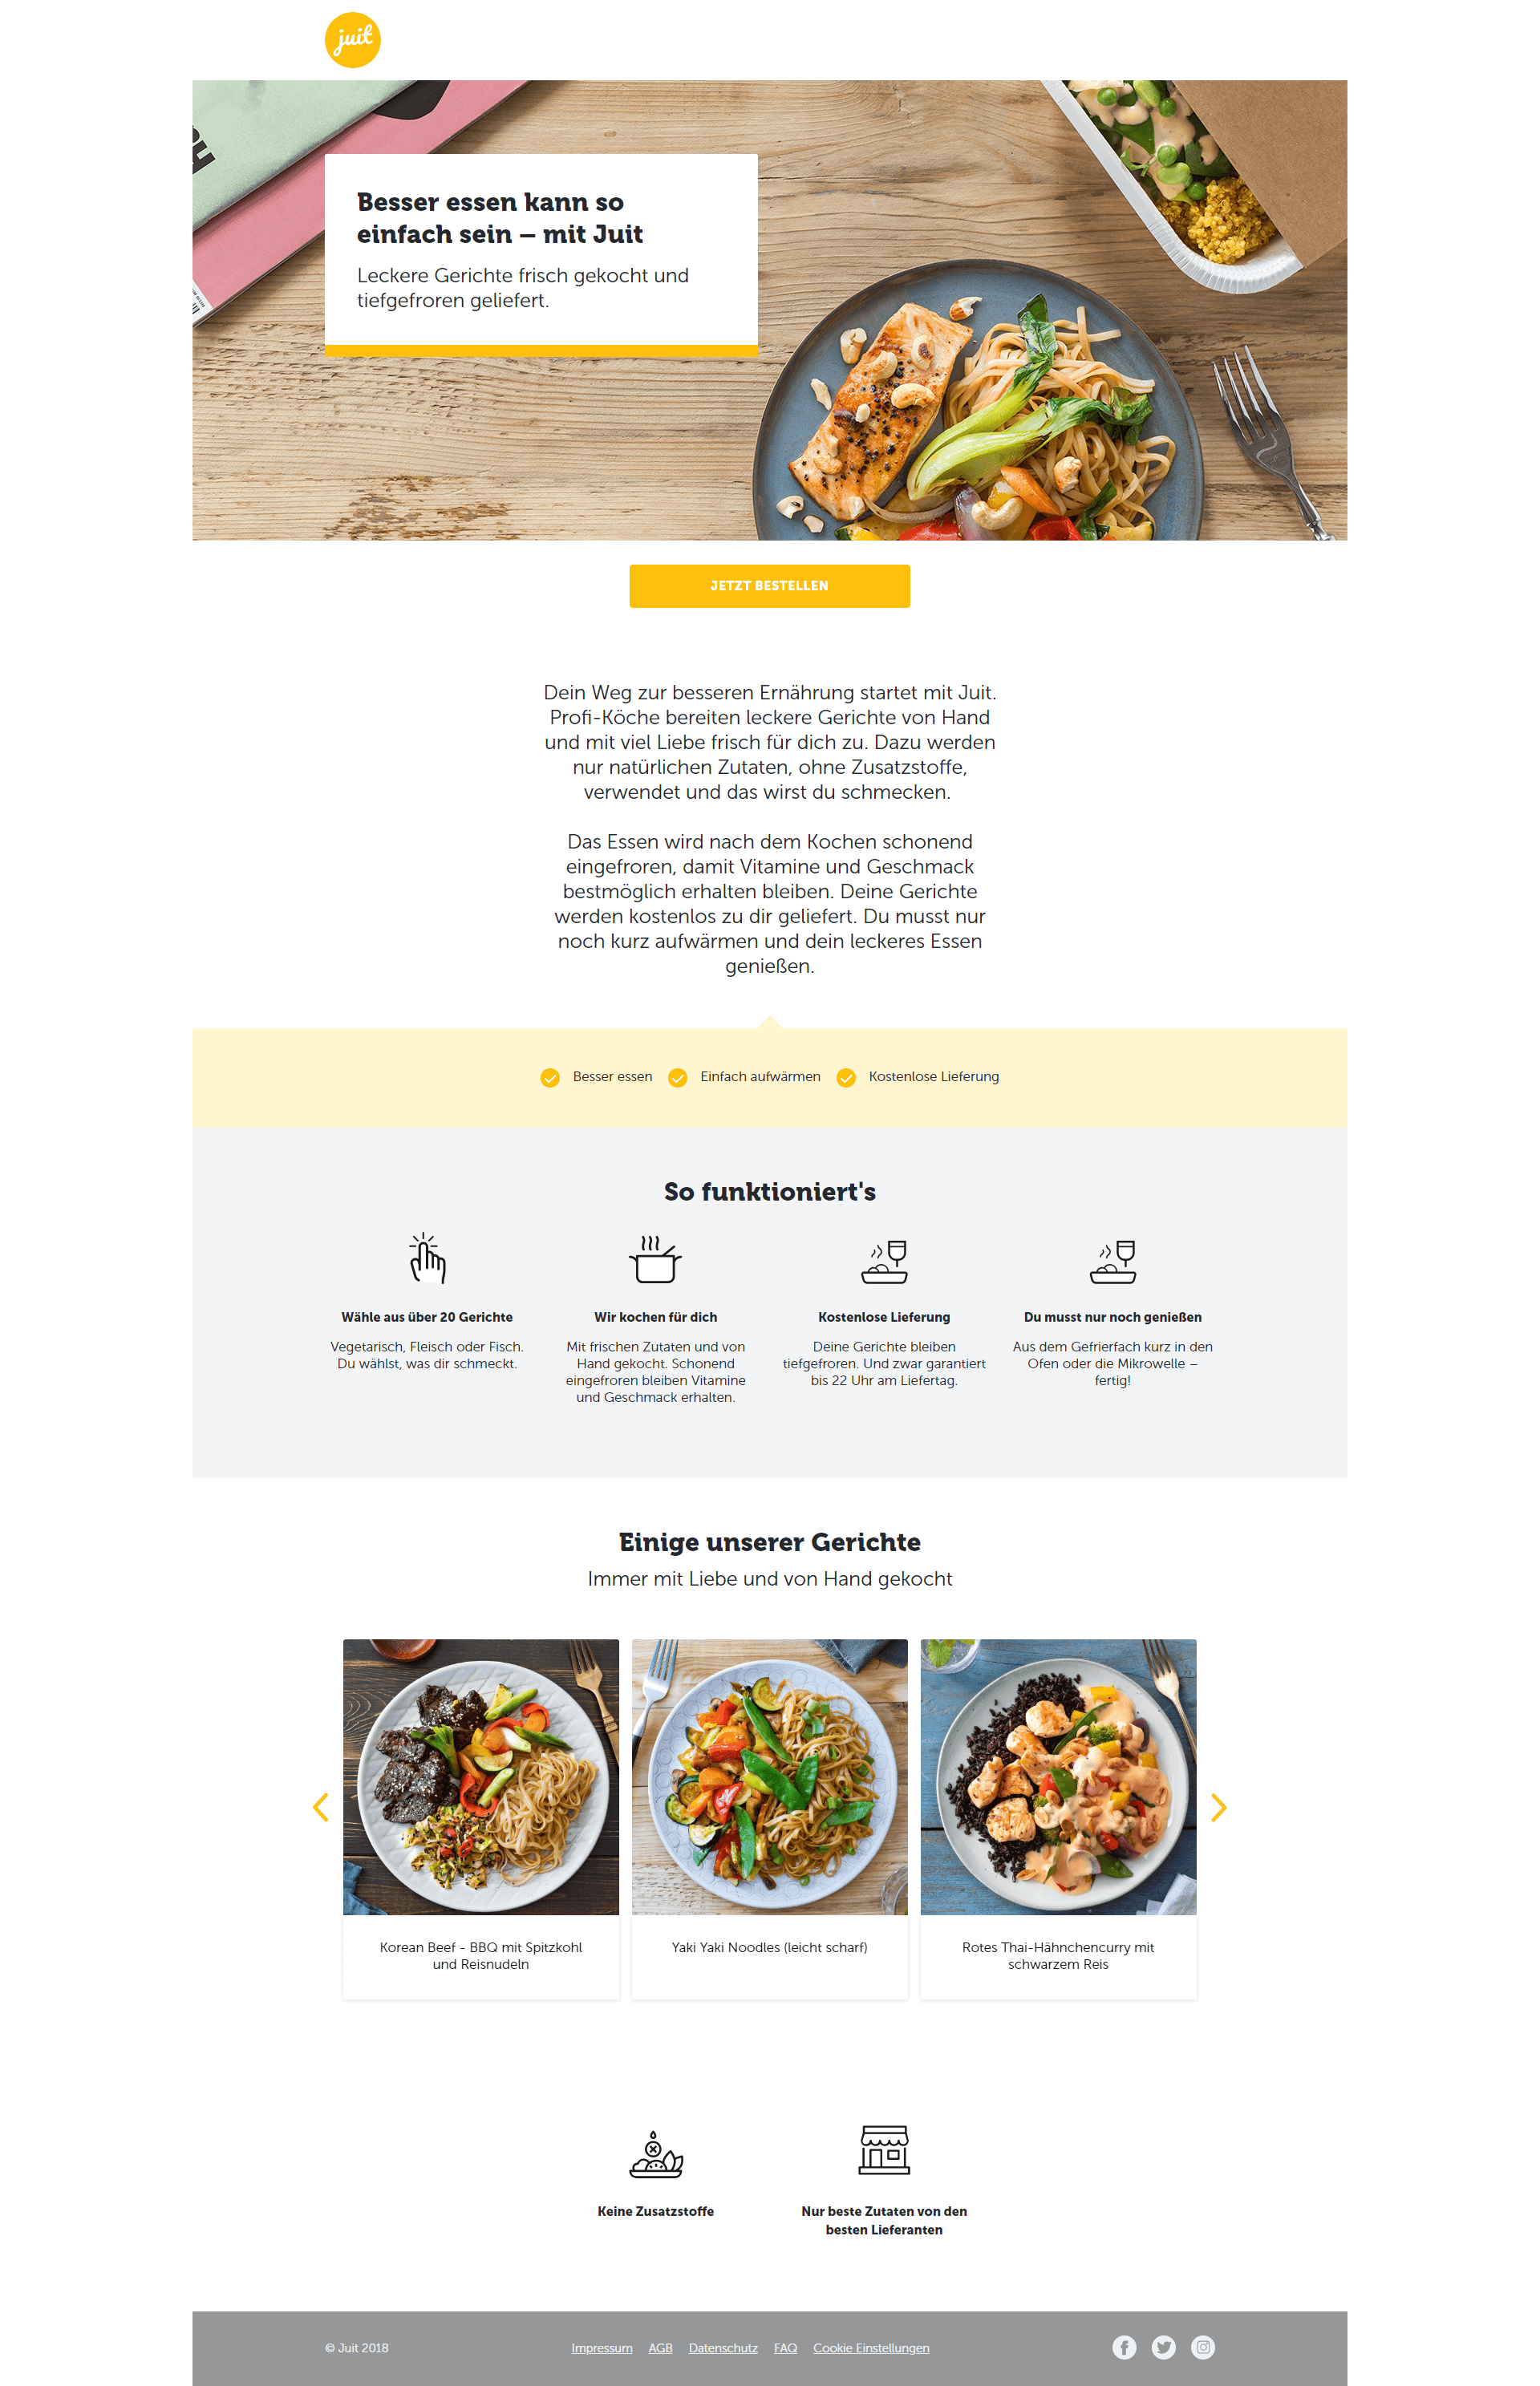 Beispiel Landingpage für Click-Throughs